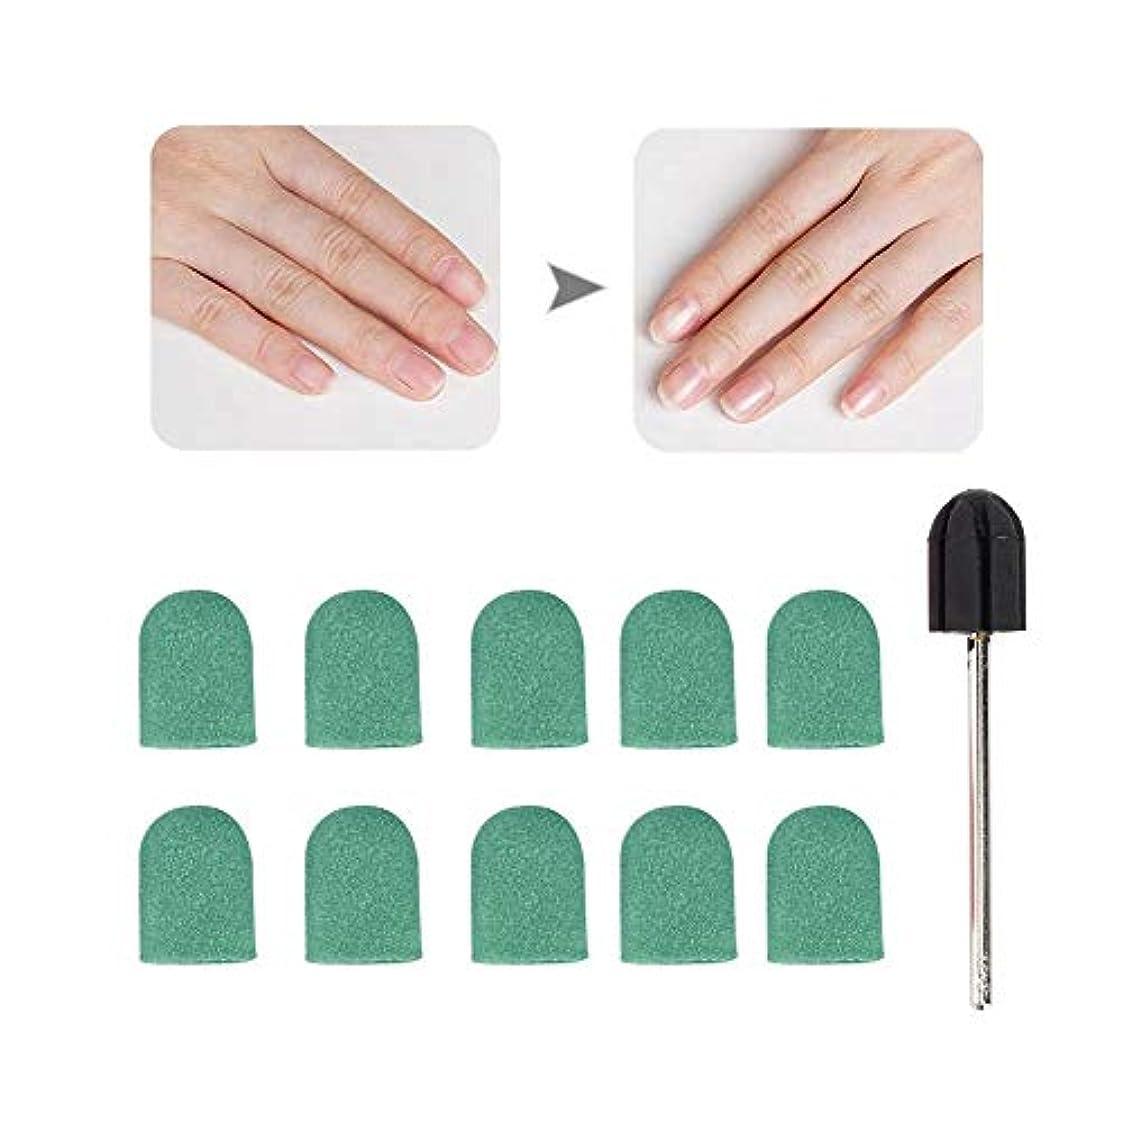 放置証書人柄ネイルドリルブロックキャップ、ネイルアートサンディングバンド、1 xグリップ付き10 x 15mm、ネイルサロンまたは個人使用のネイル研磨およびトリミング用のネイルポリッシュ研磨ヘッド(5)